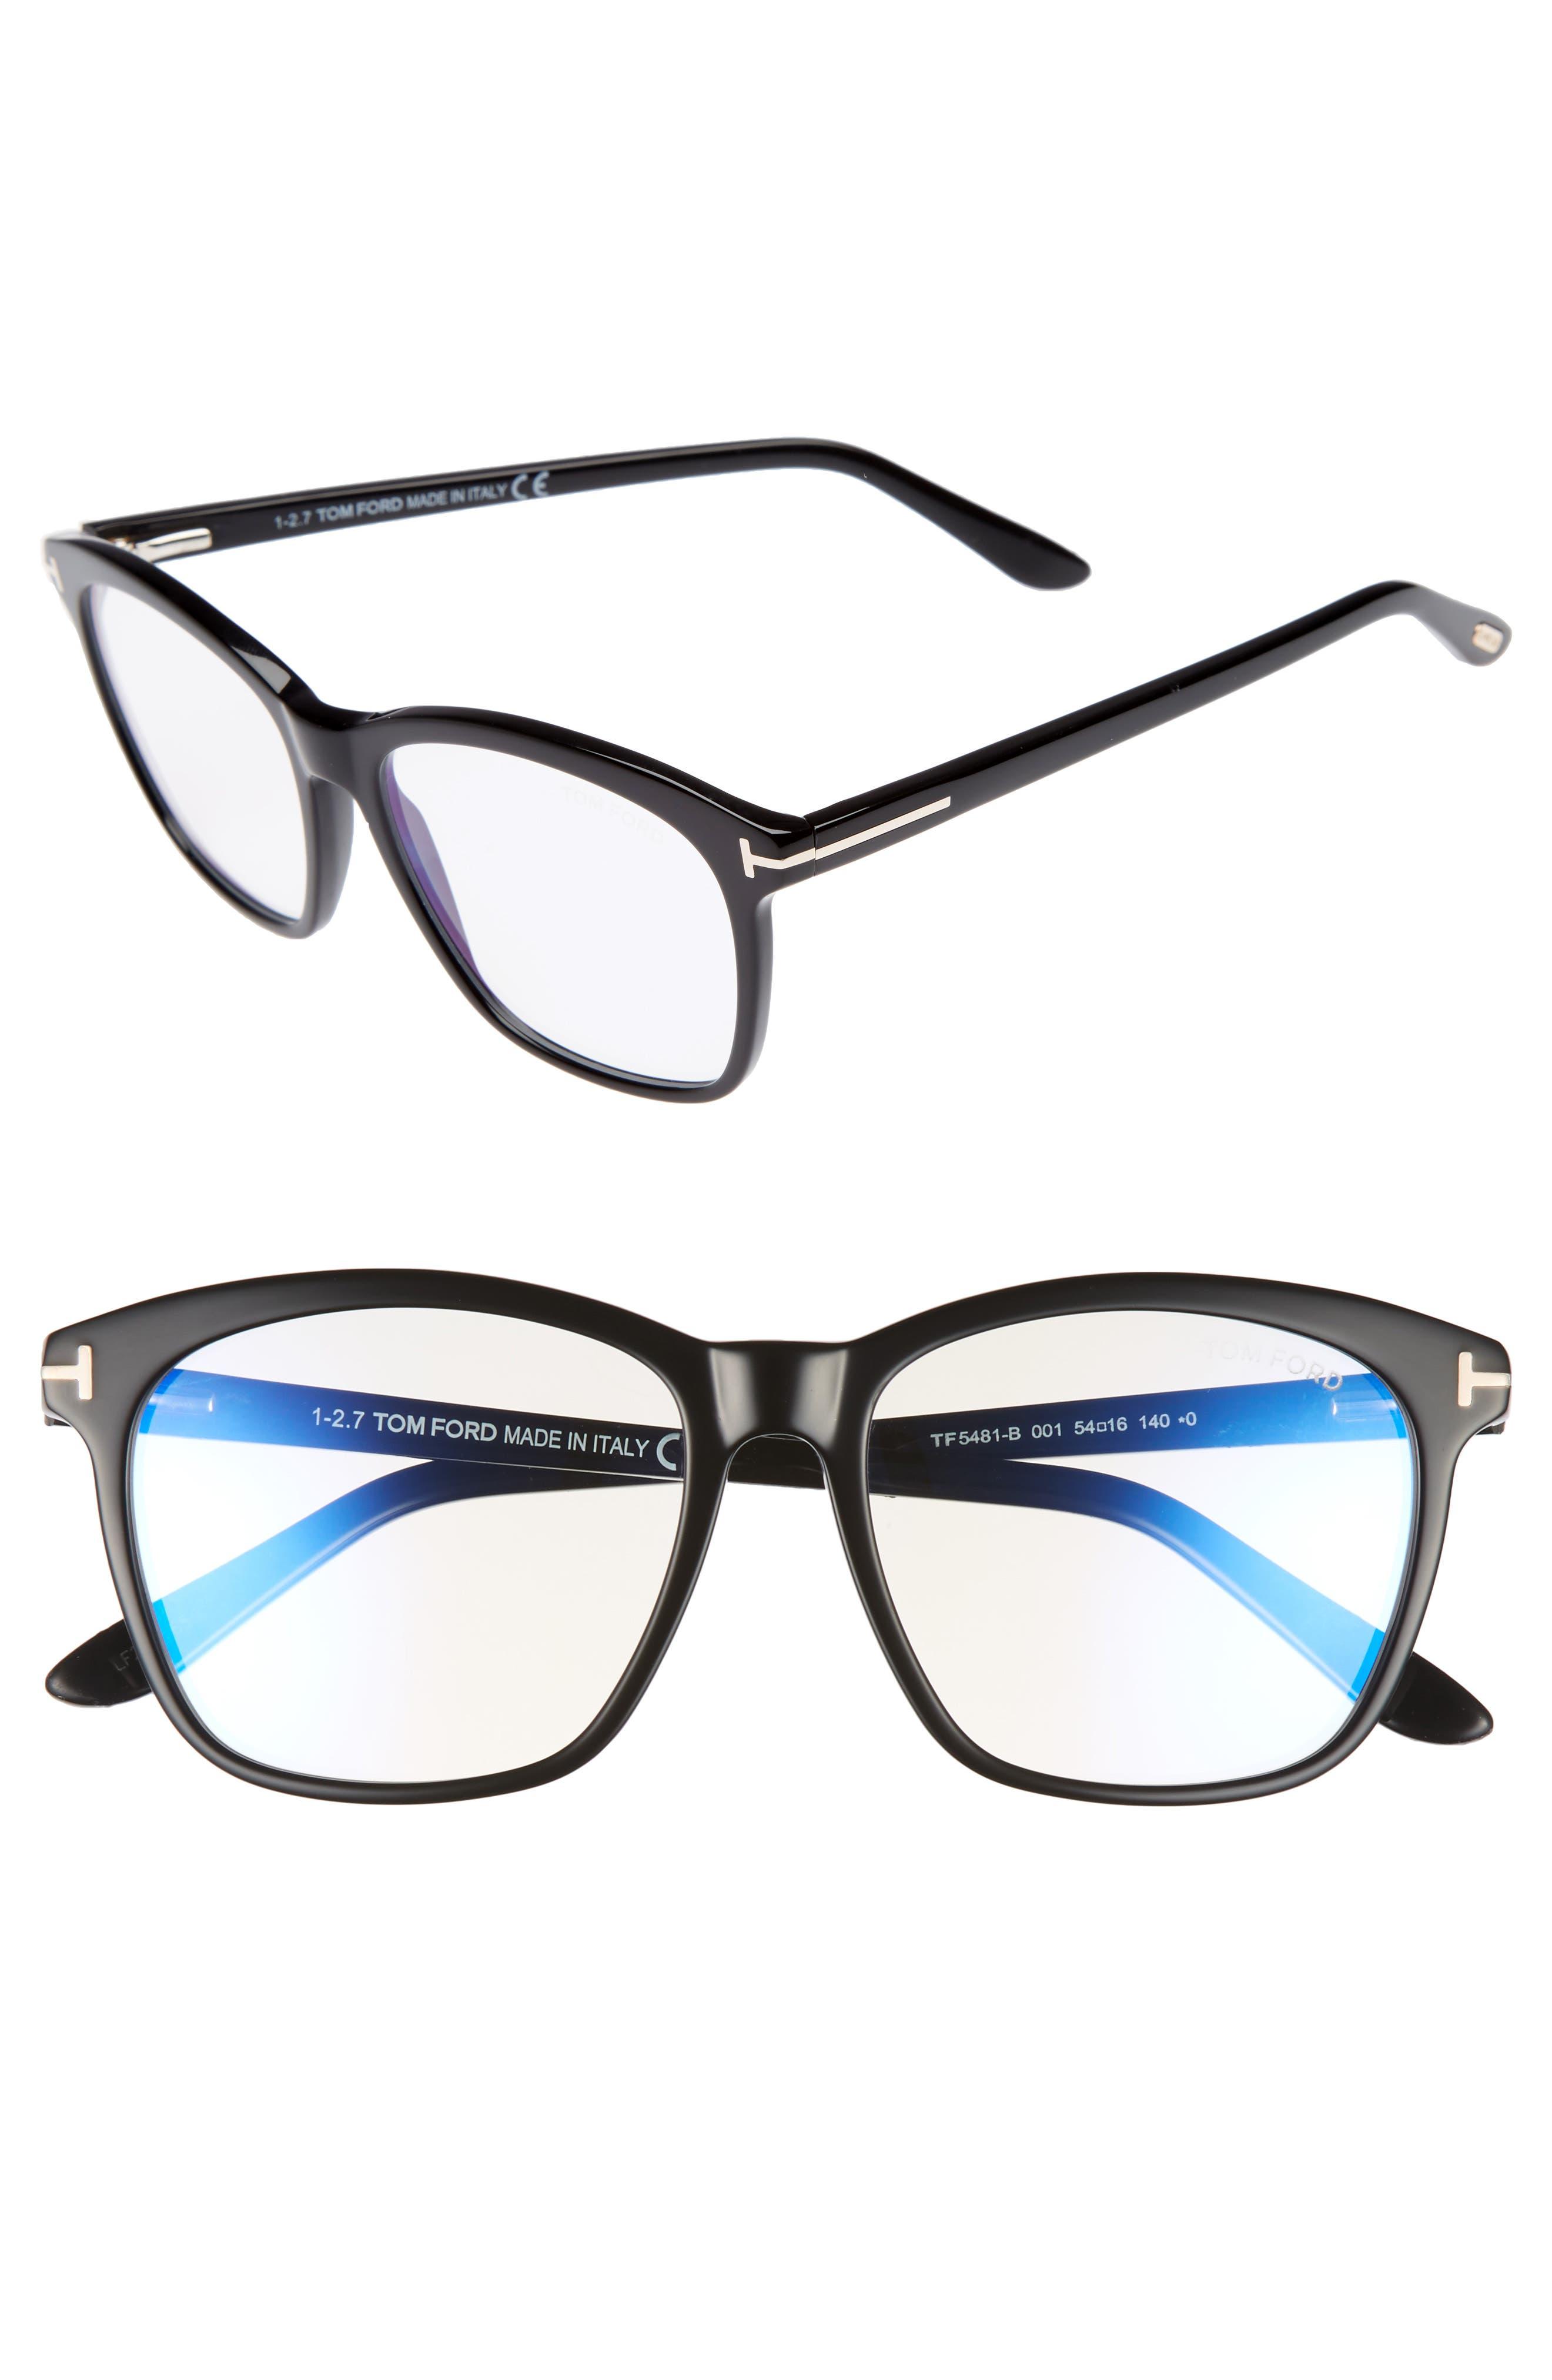 TOM FORD 54mm Blue Block Optical Glasses, Main, color, BLACK/ BLUE